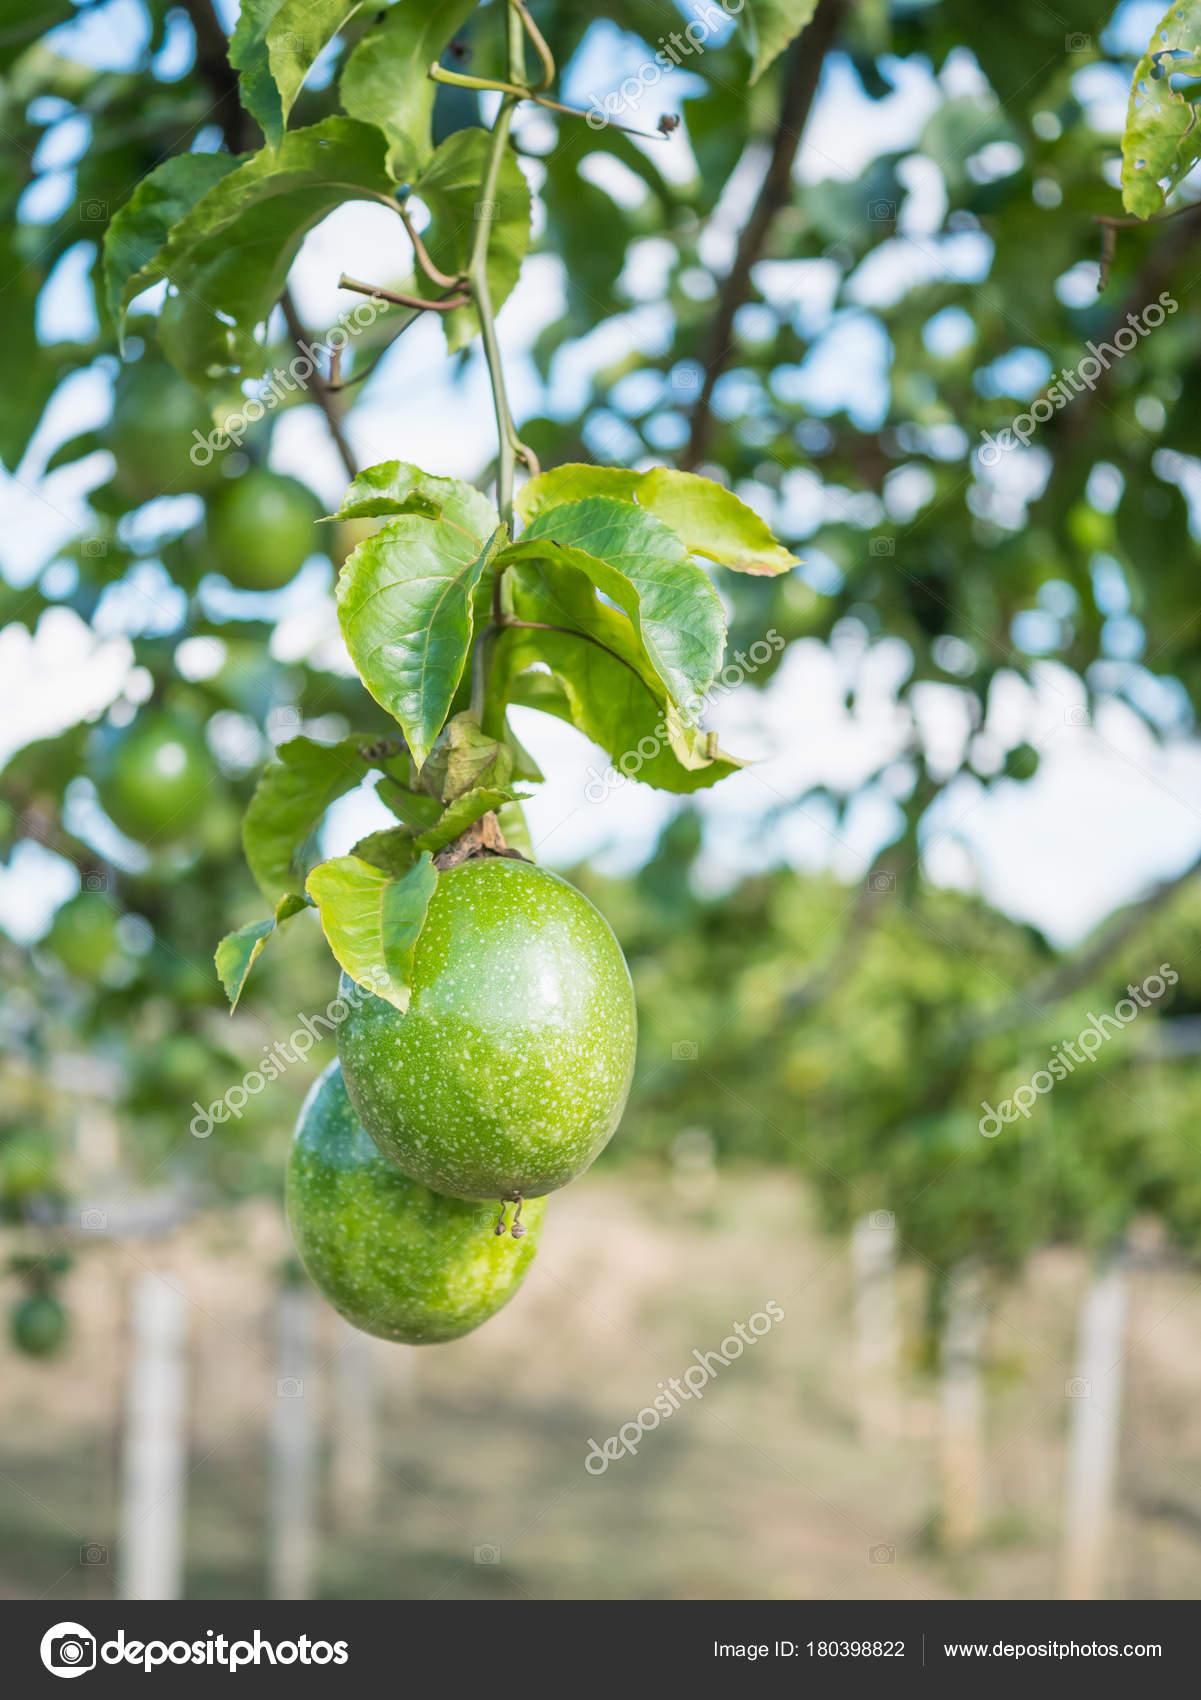 Arbre Fruit De La Passion : arbre, fruit, passion, Passion, Fruit, Stock, Photo,, Image, Jpkirakun, #180398822